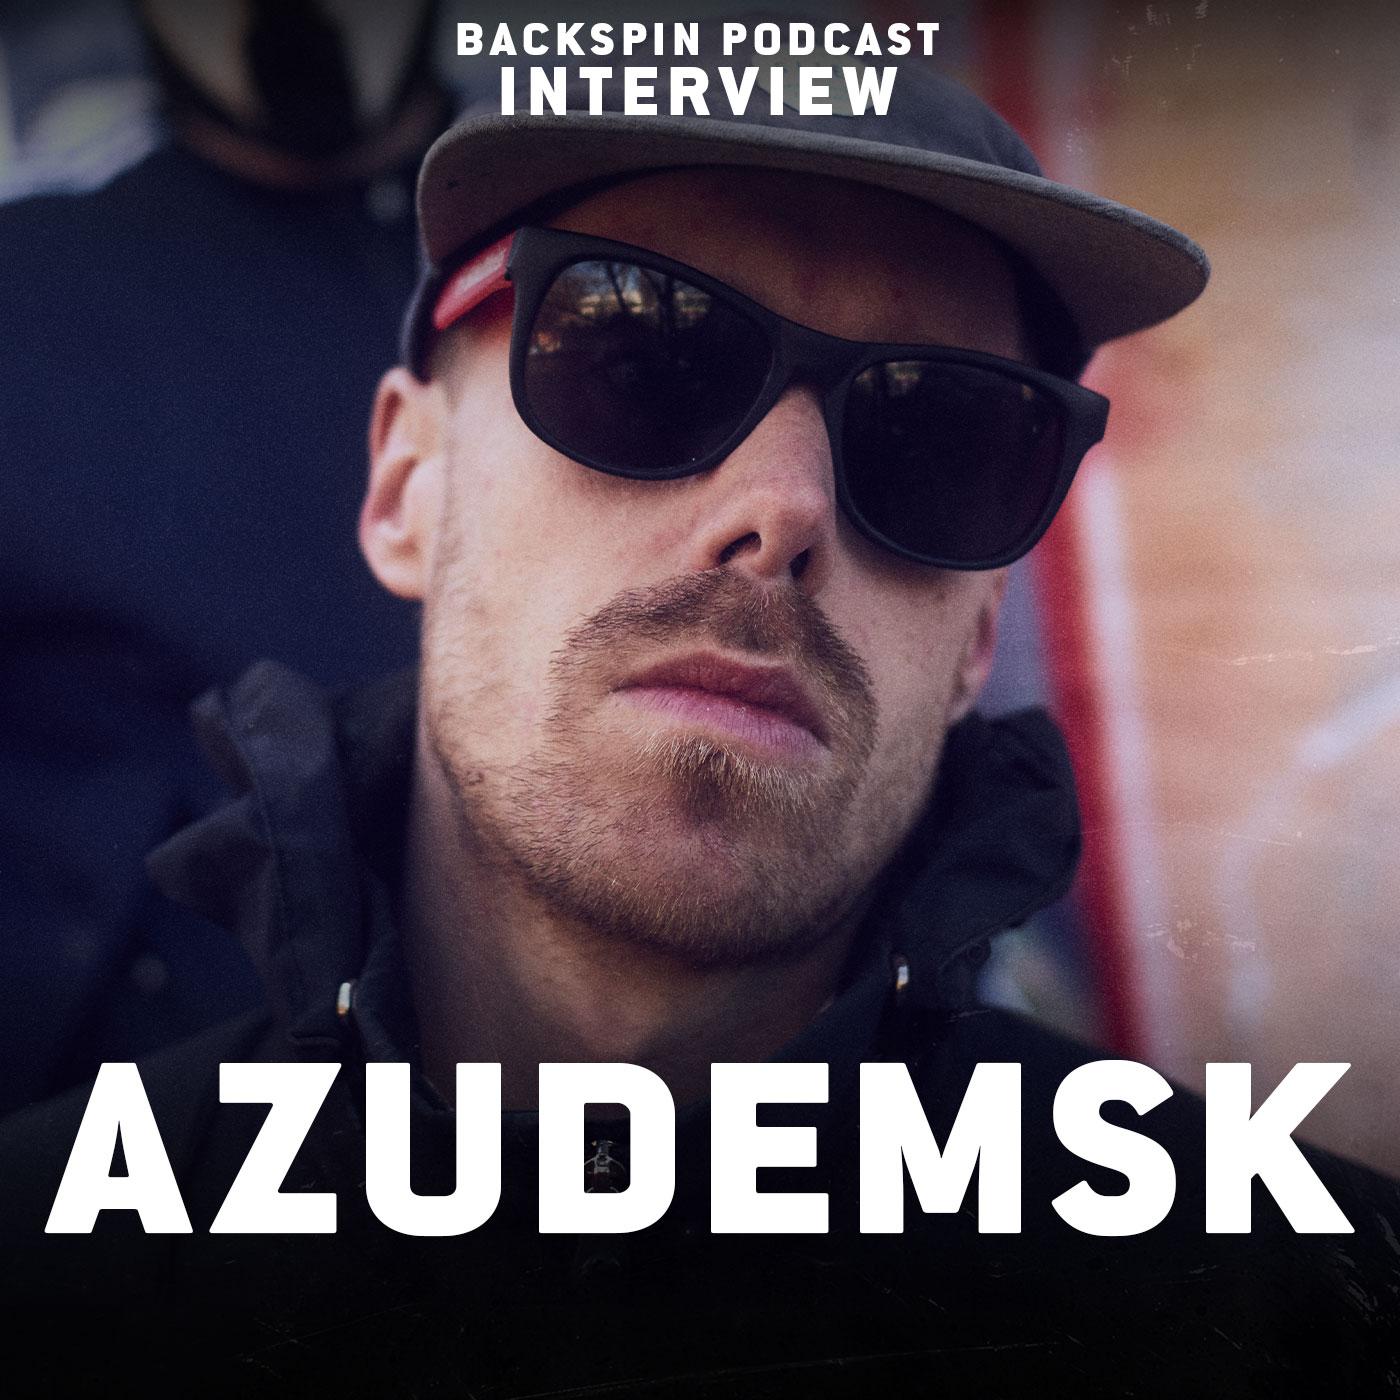 """#251 - AzudemSK im Interview mit Simon: AzudemsSK vs. Morlockko Plus, """"6000 Fuß Über Bayreuth"""", Inspiration, Kultur uvm."""